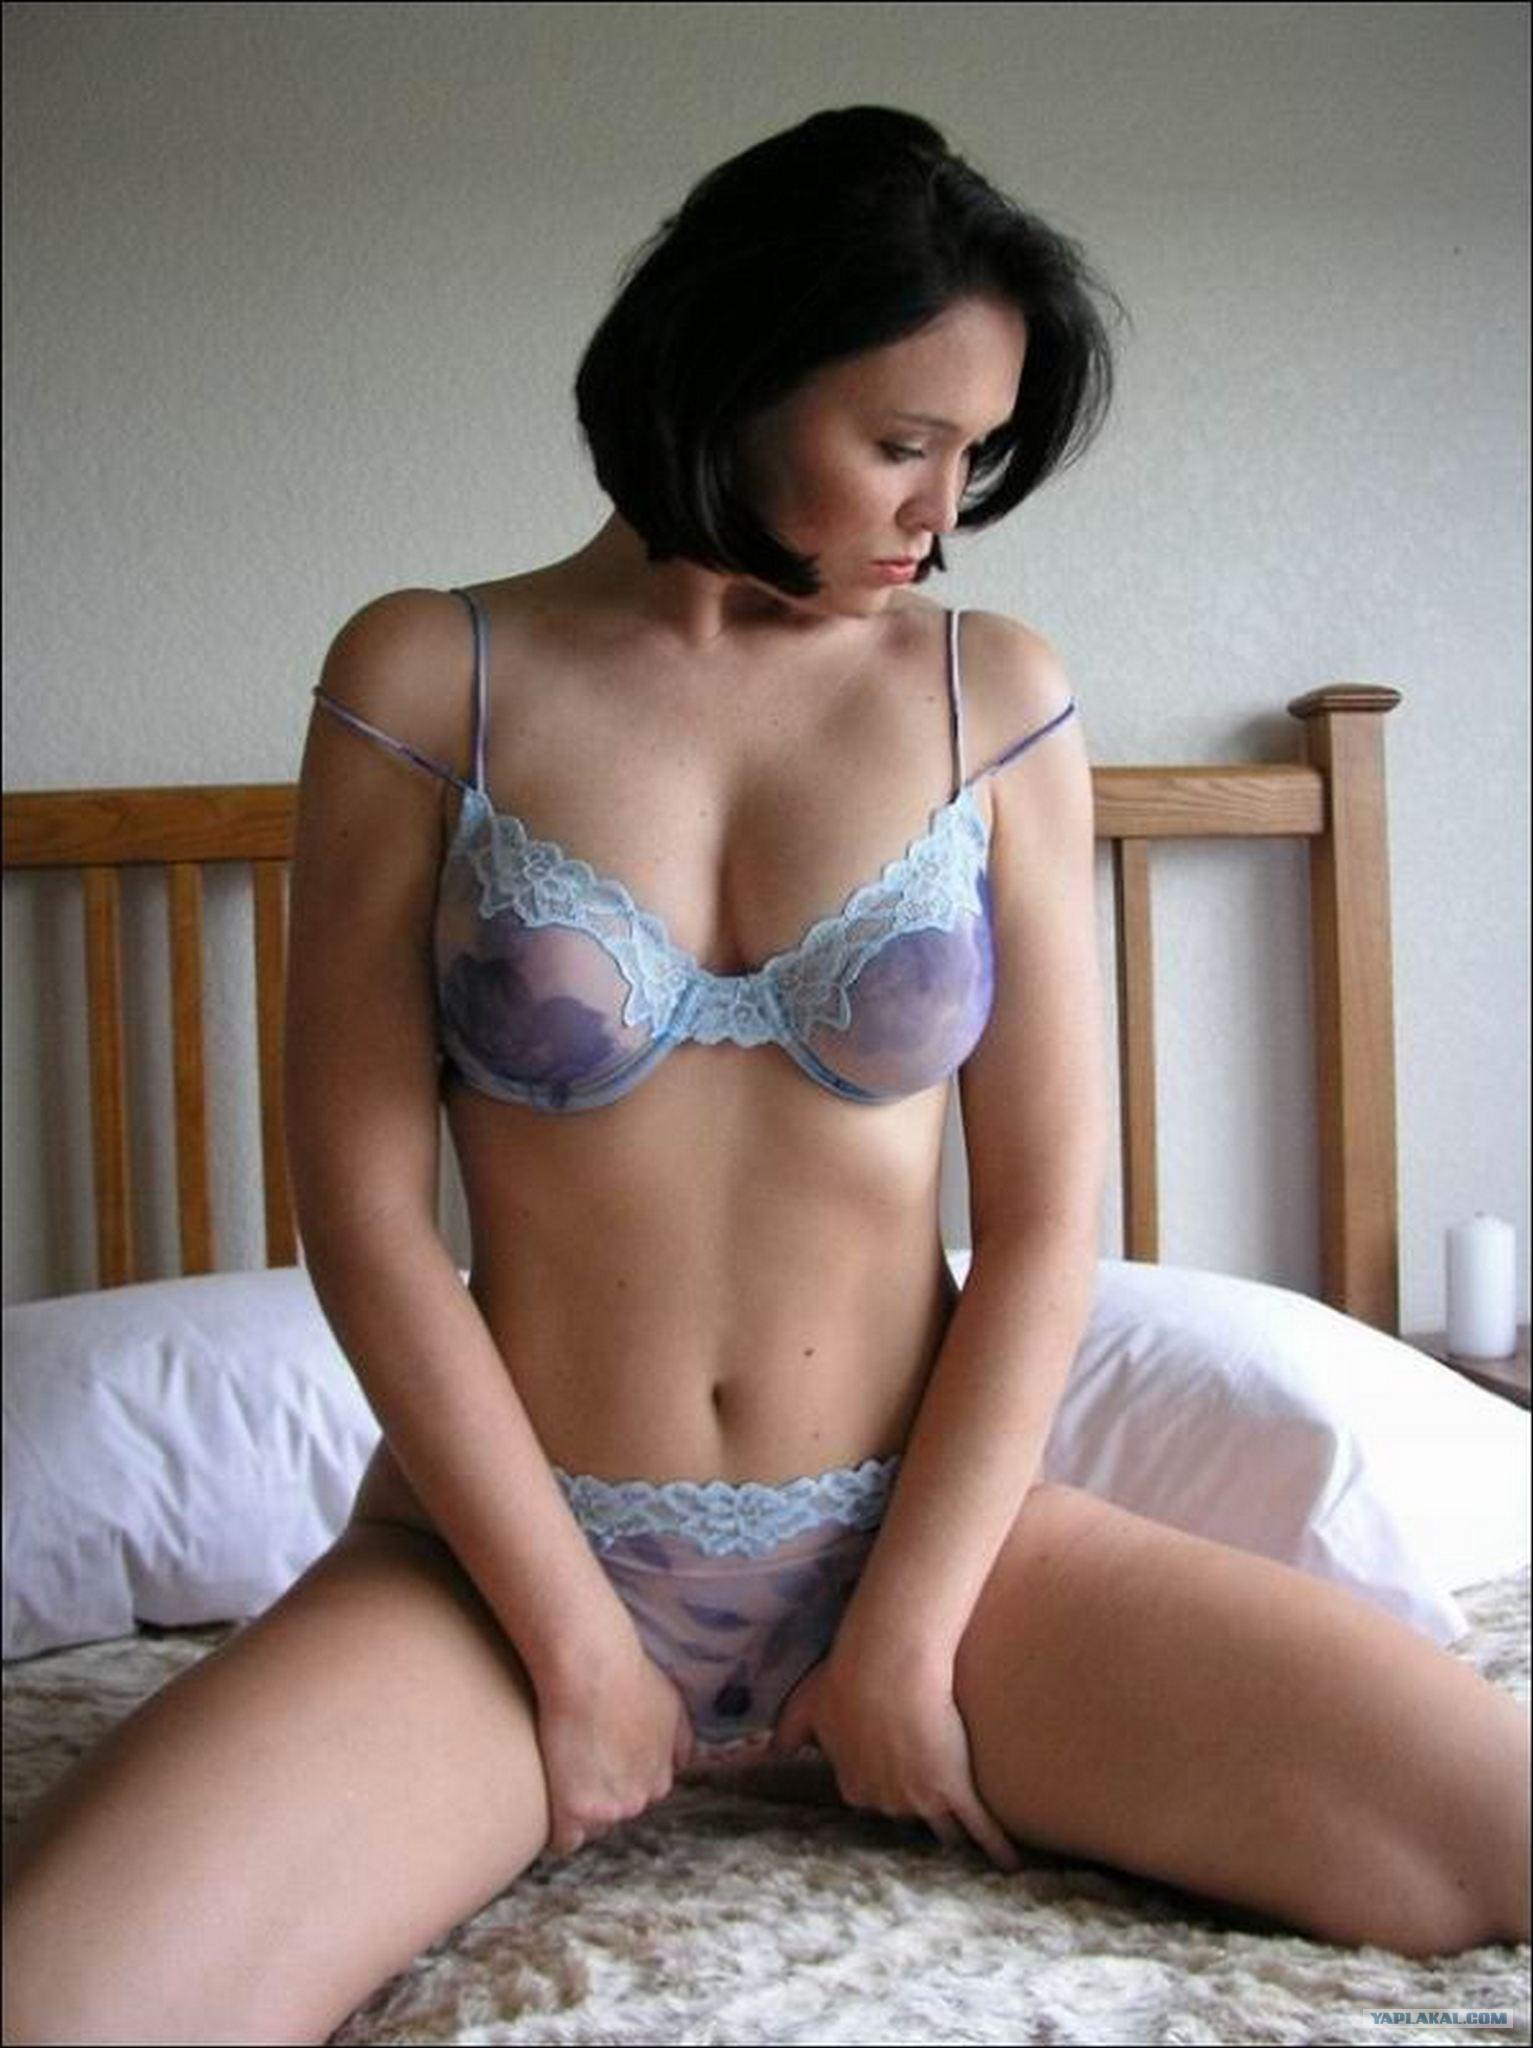 Фото голых девушек с узкой талией бесплатно 24 фотография